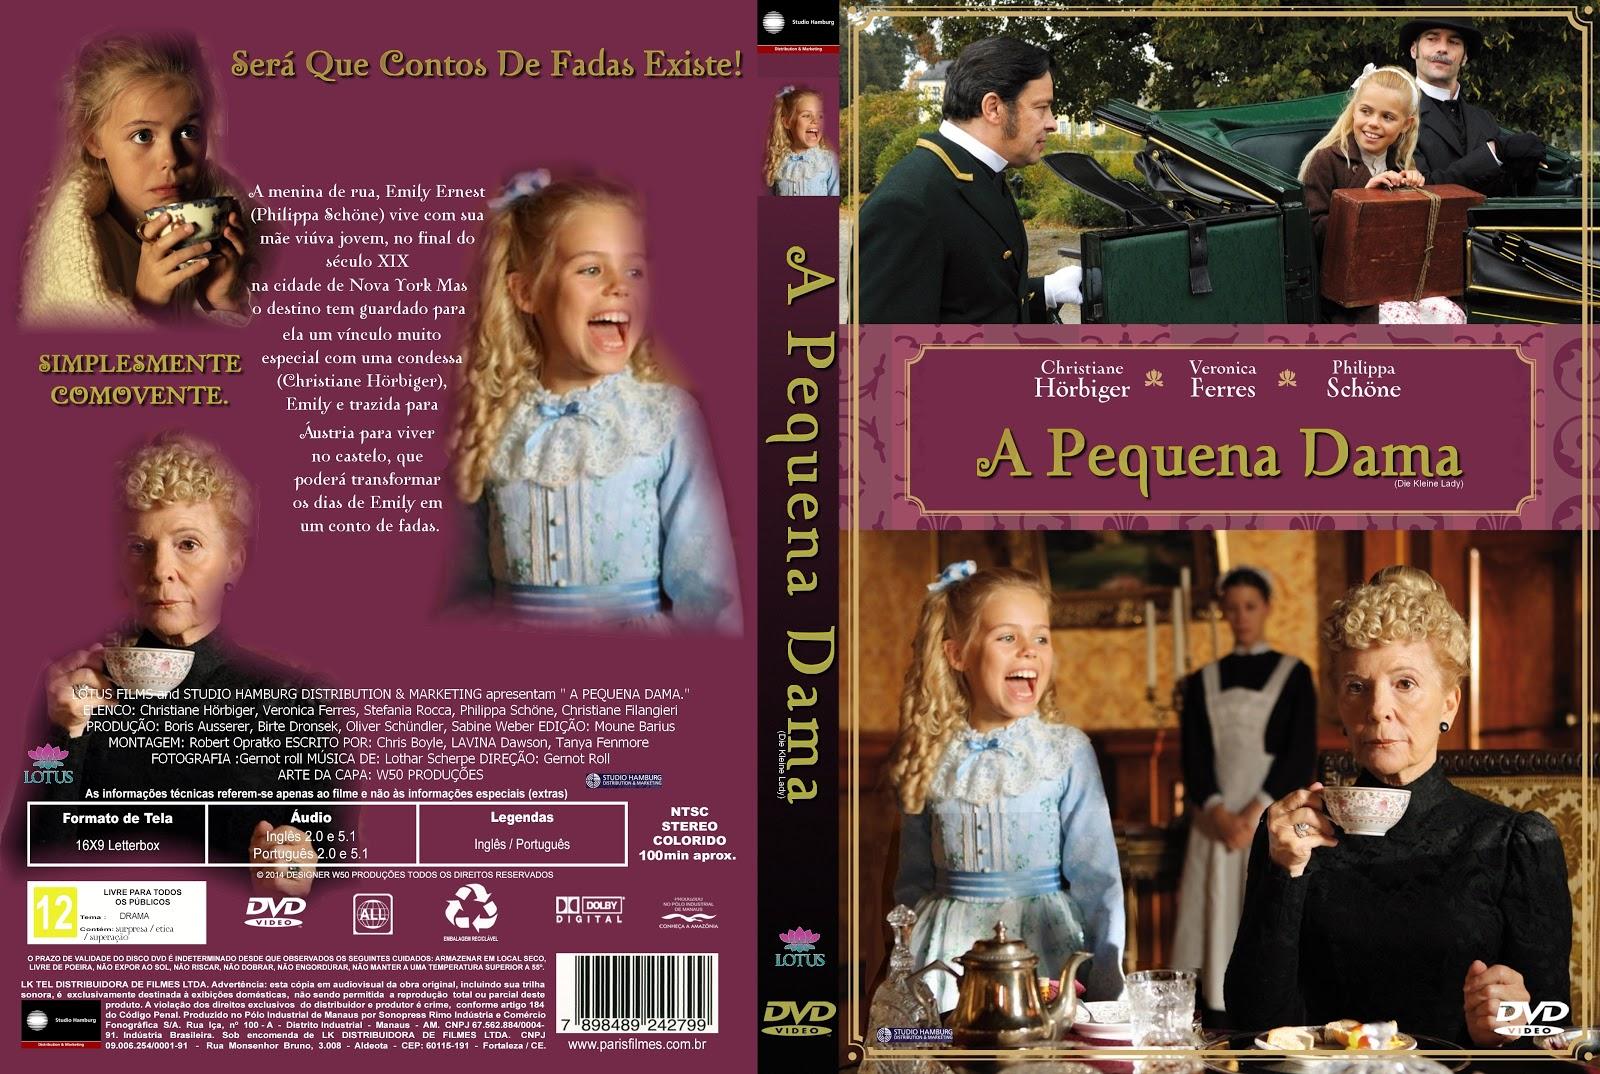 Capa DVD A Pequena Dama